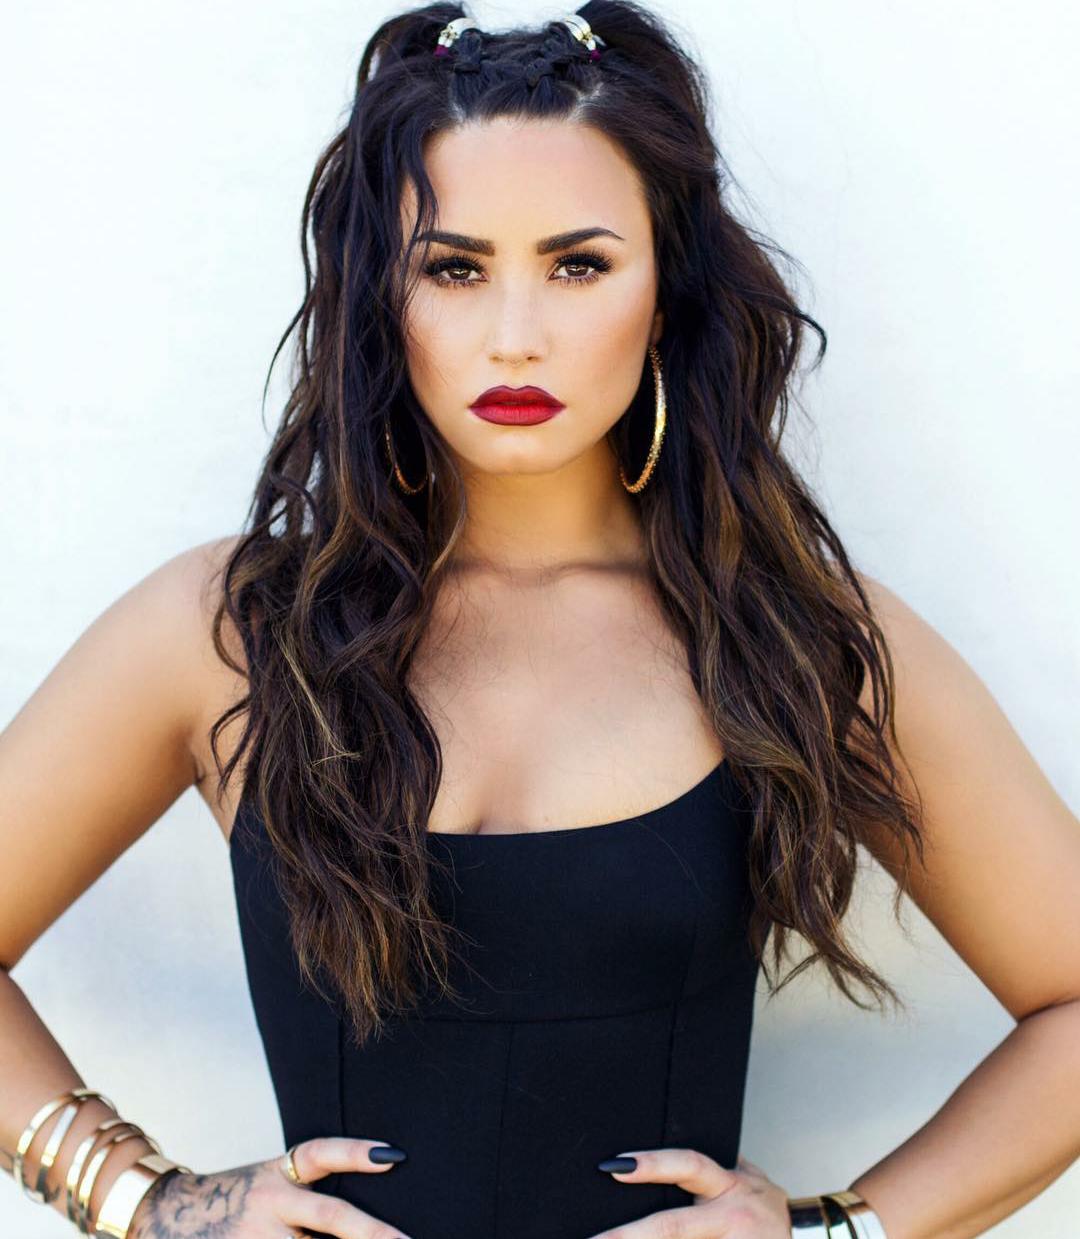 Épinglé par Solène 🌎 sur Demi Lovato Belles actrices